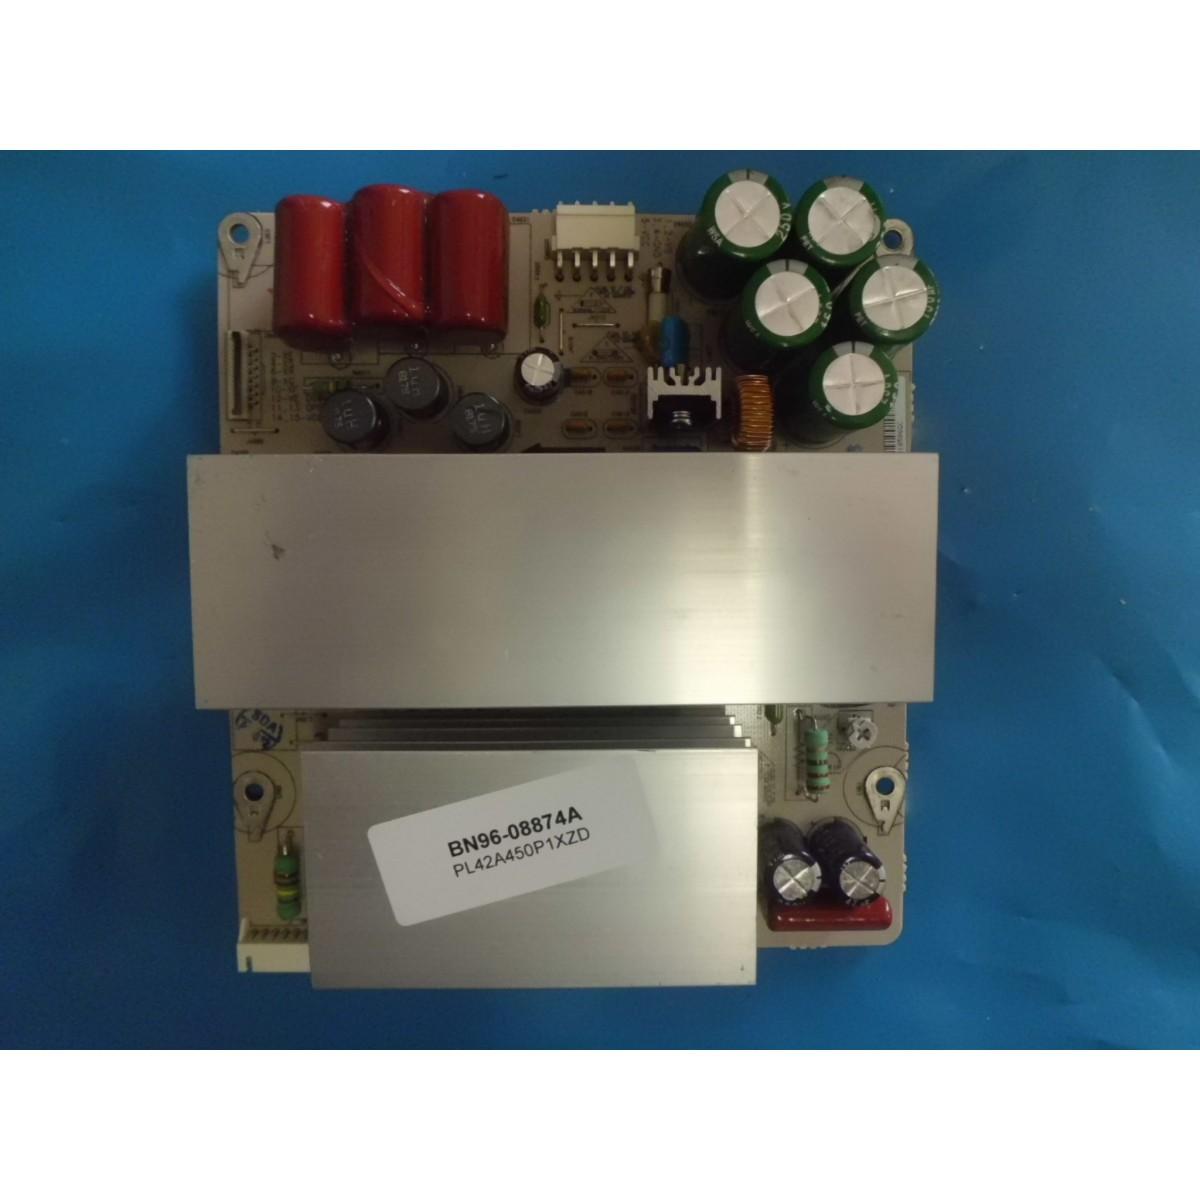 ZSUS SAMSUNG LJ41-05076A / LJ92-01482A / BN96-08874A MODELO PL42A450P1XZD